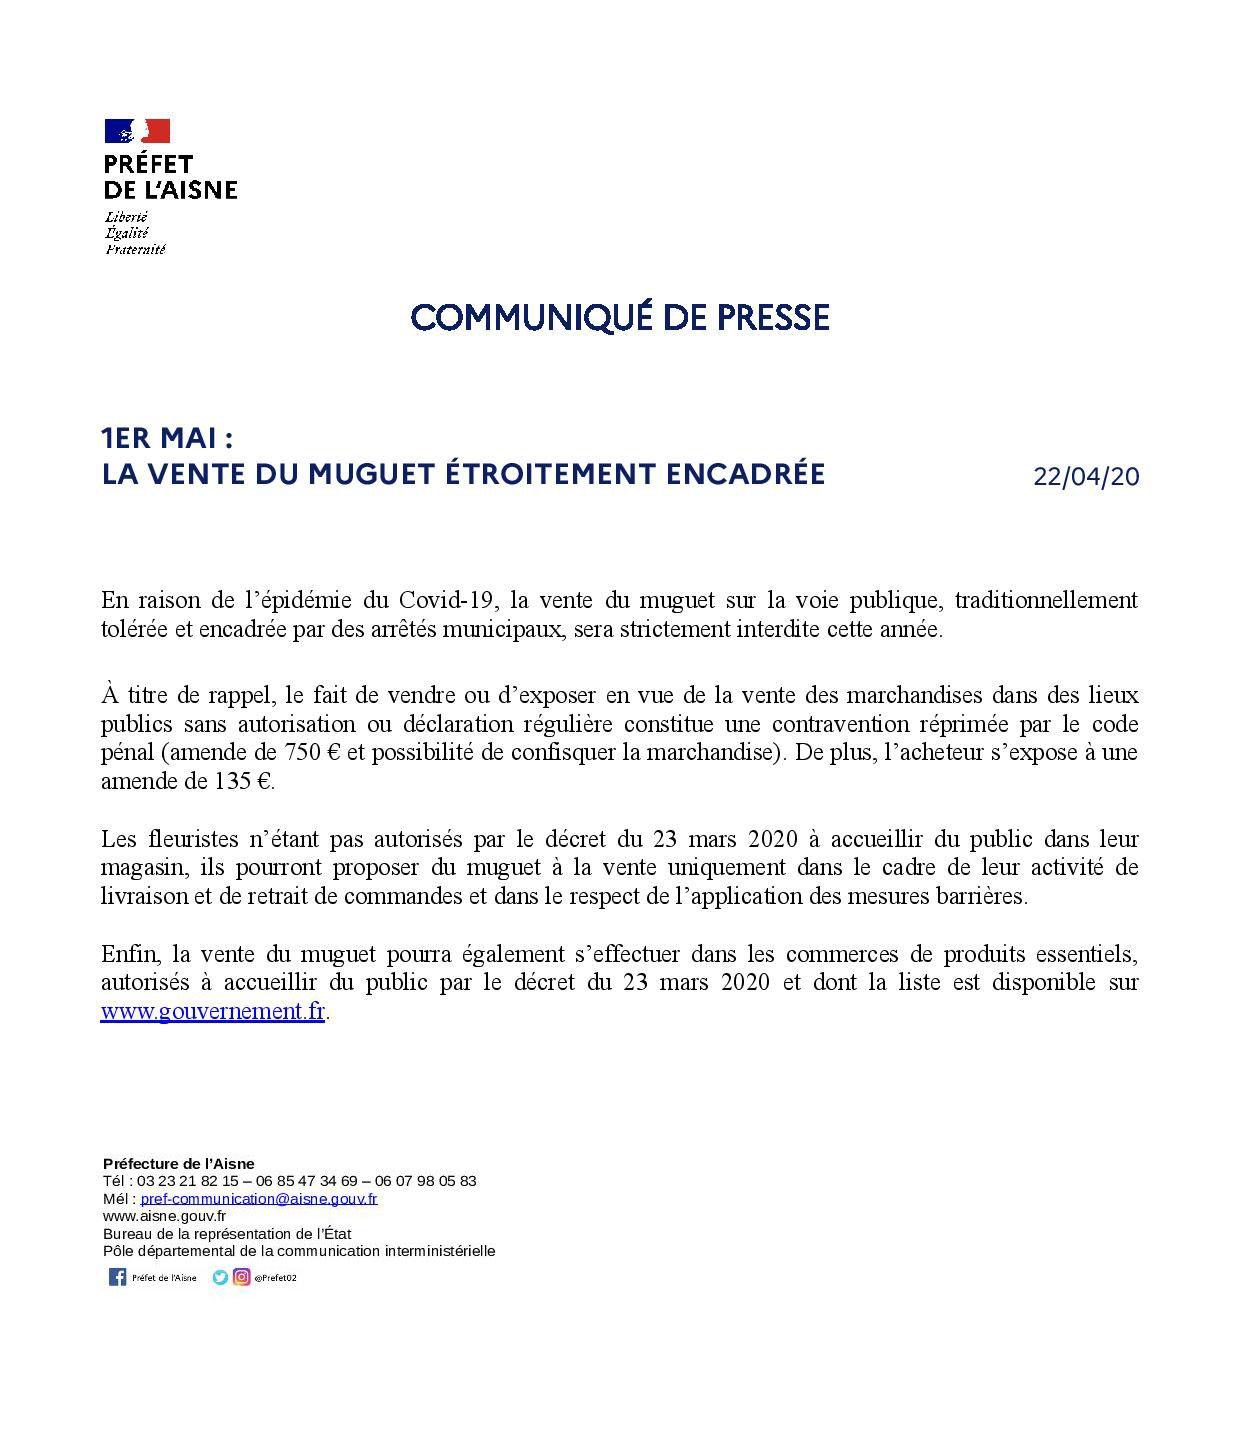 Info Mairie: communiqué de presse Préfet de l'Aisne.